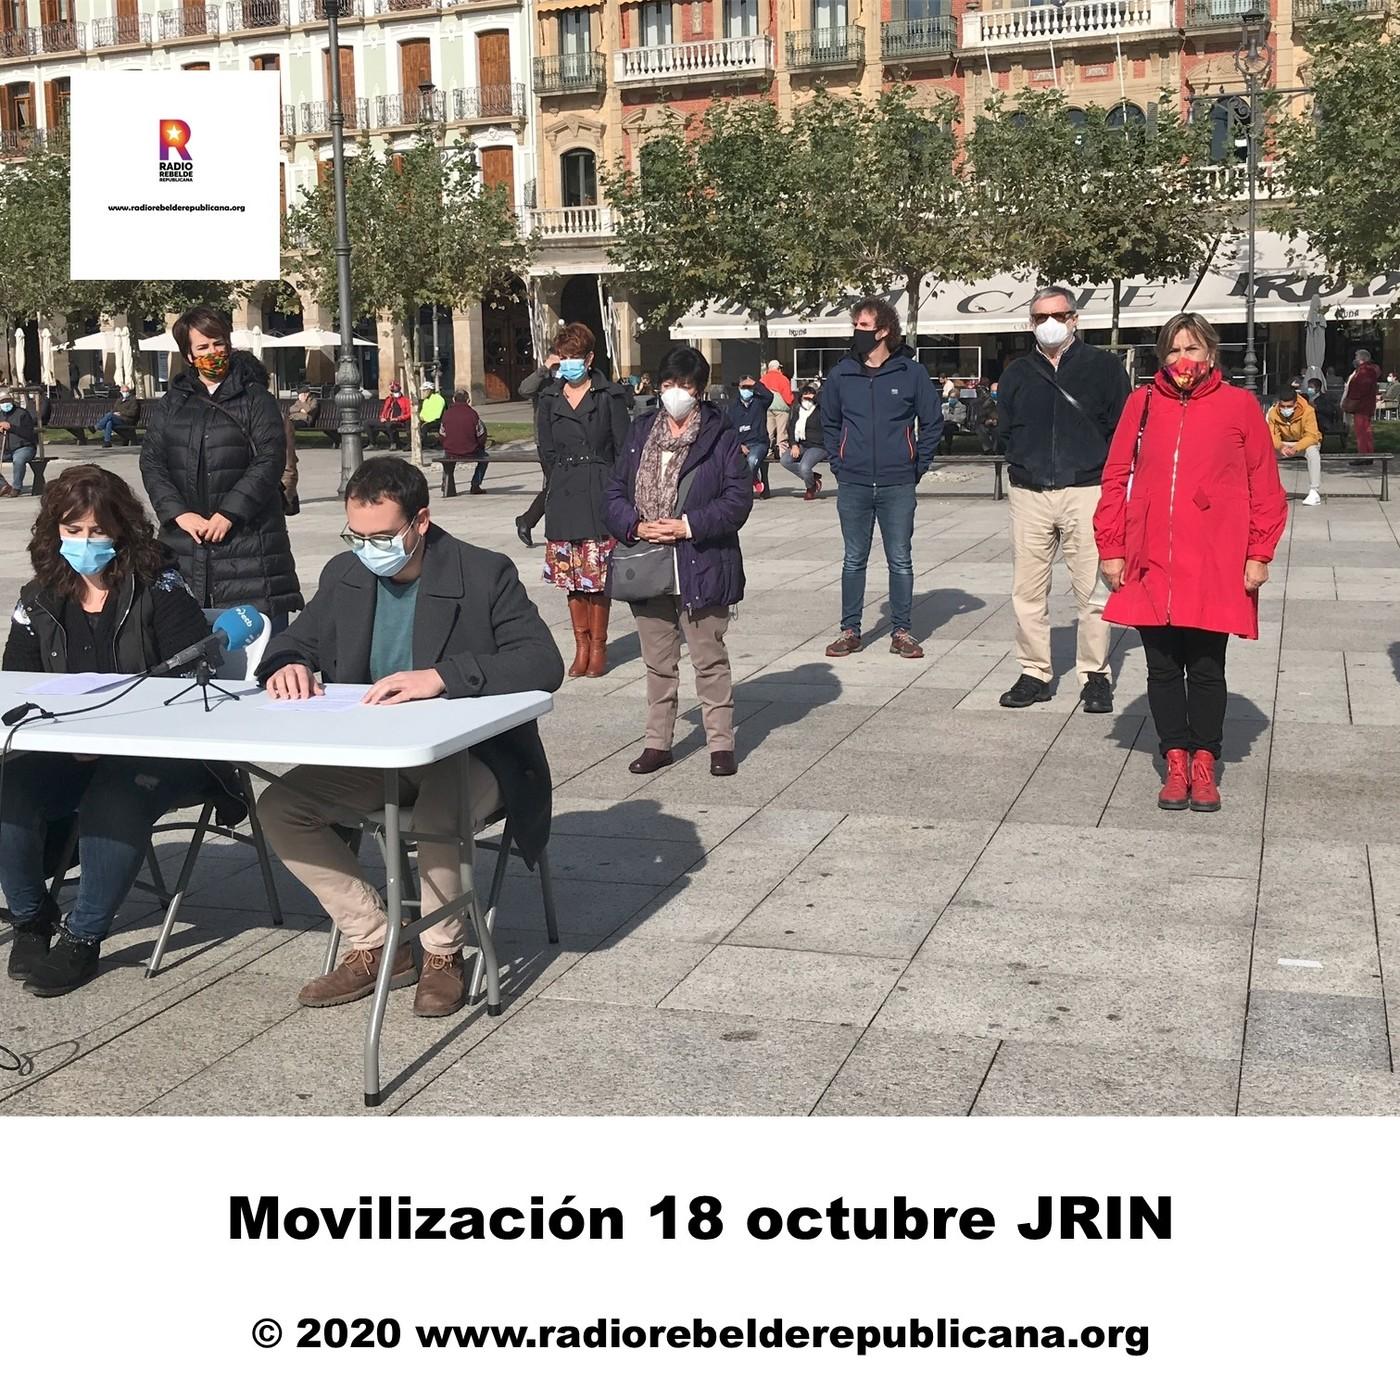 Movilización 18 octubre JRIN